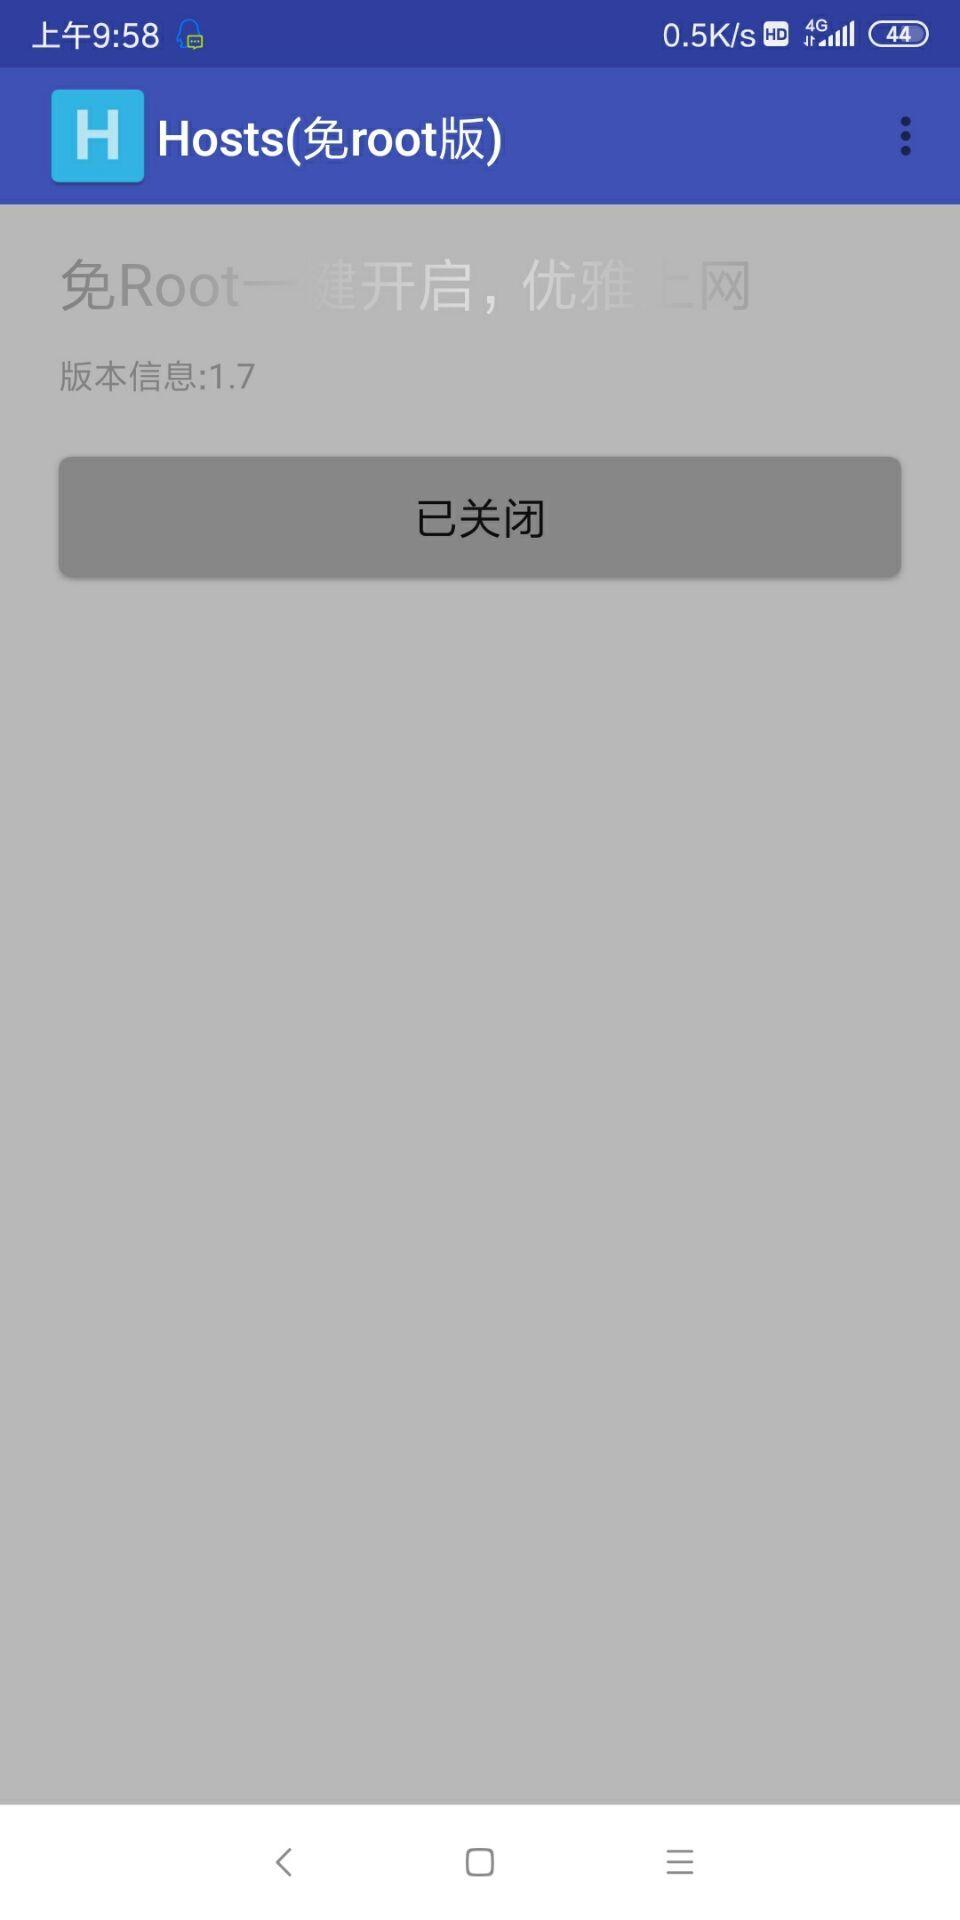 hosts拦截器(免root版)安装入口图1: